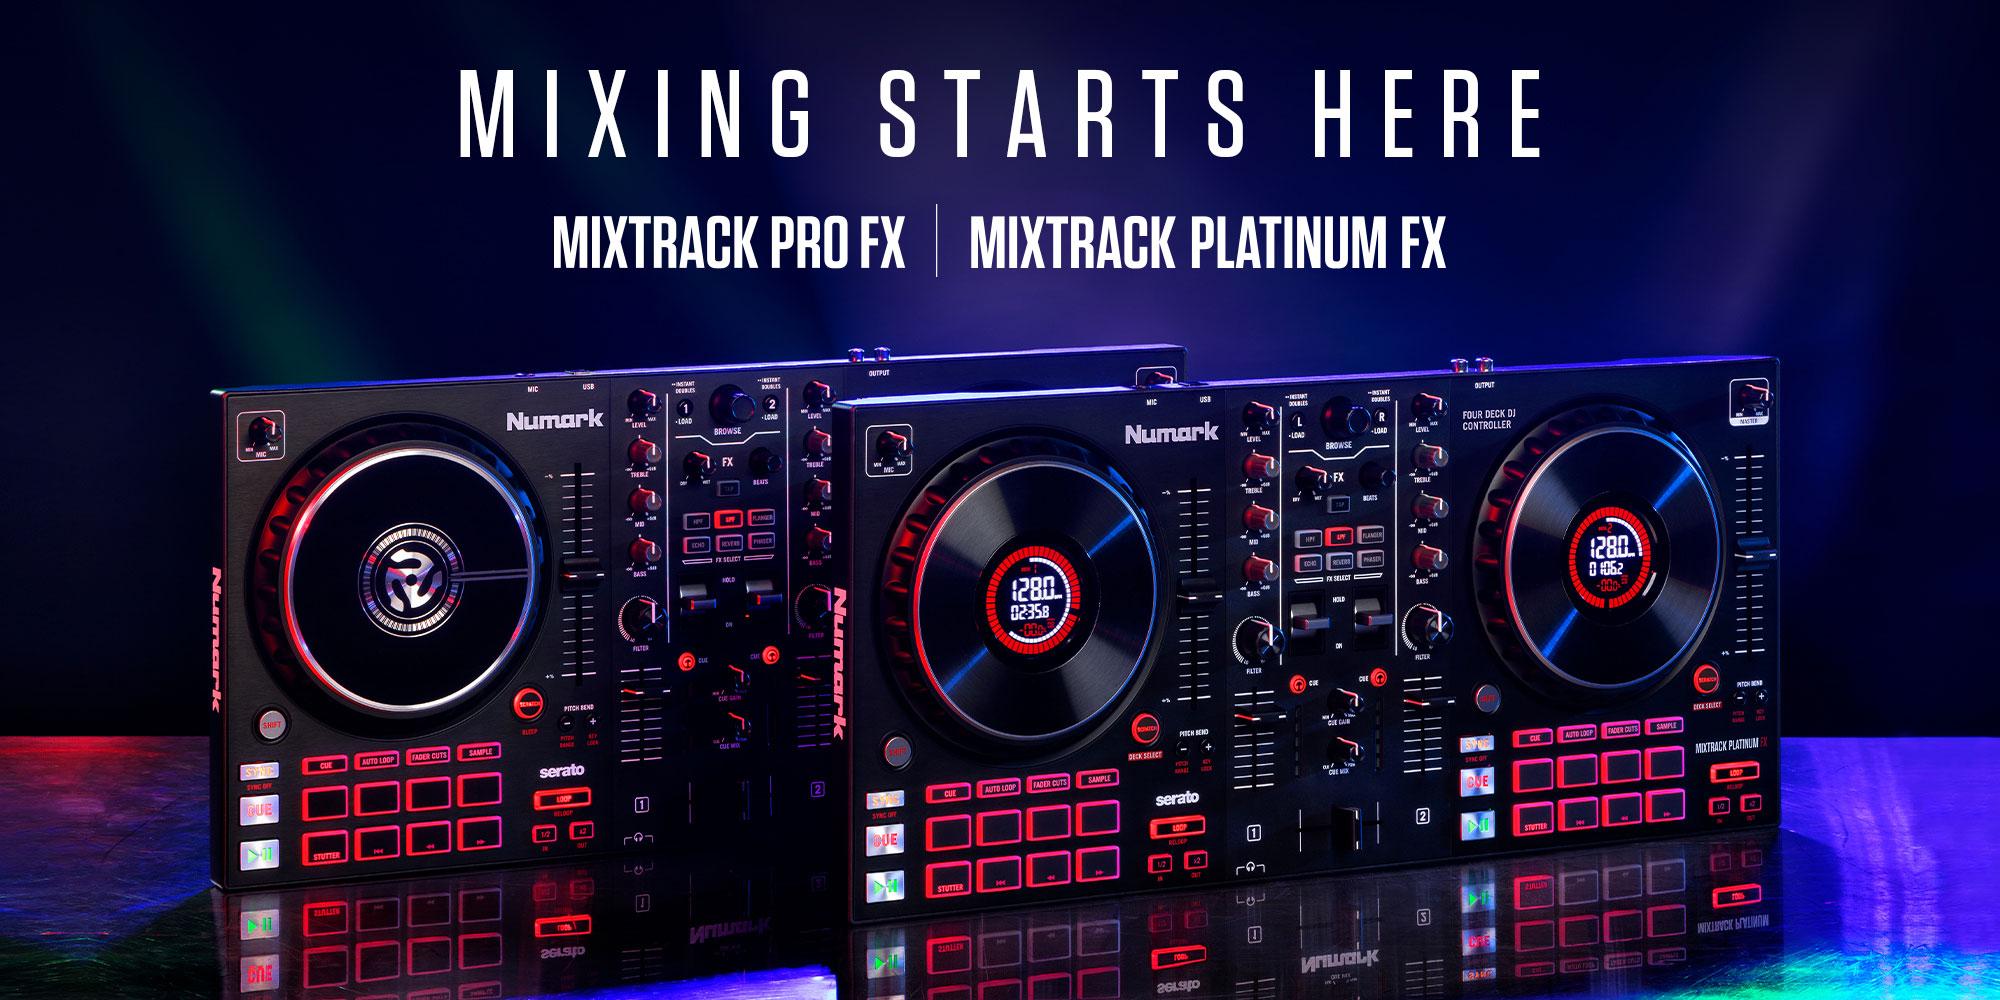 ה-Platinum FX -  שלט DJ כולל אפקטים, ממשק אודיו וסטרימינג מ-Numark